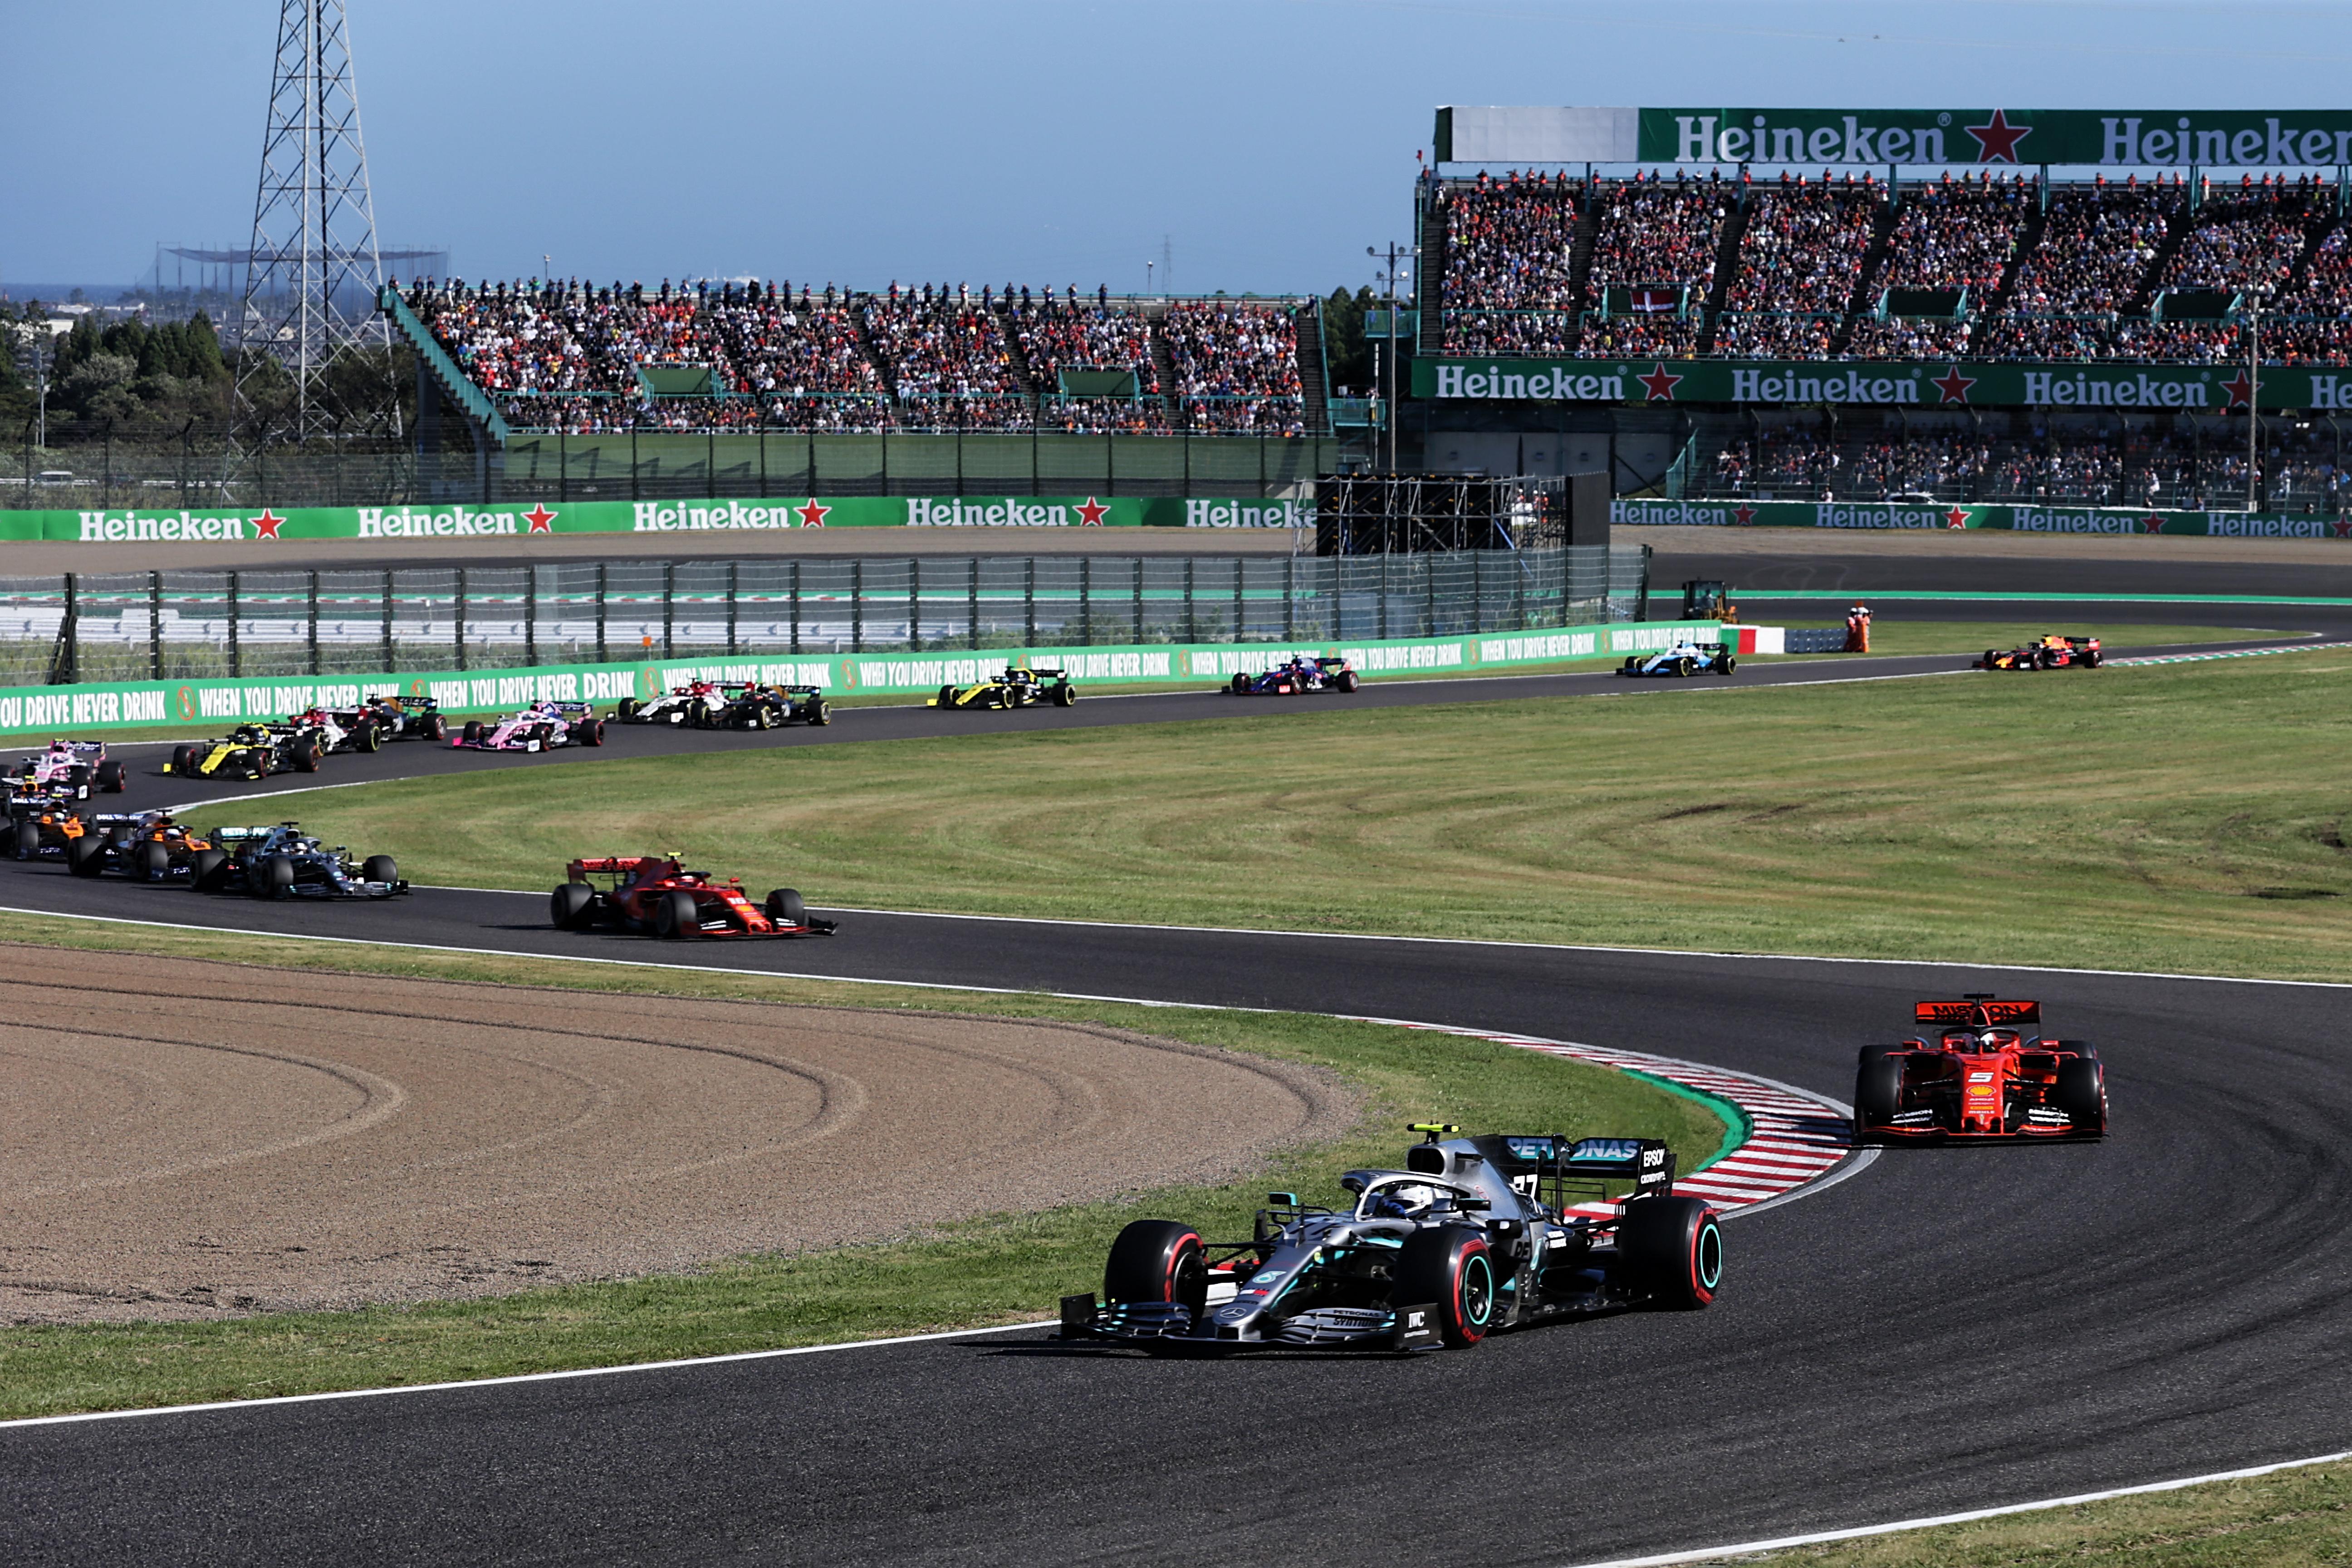 Japanese Grand Prix 2019 Suzuka